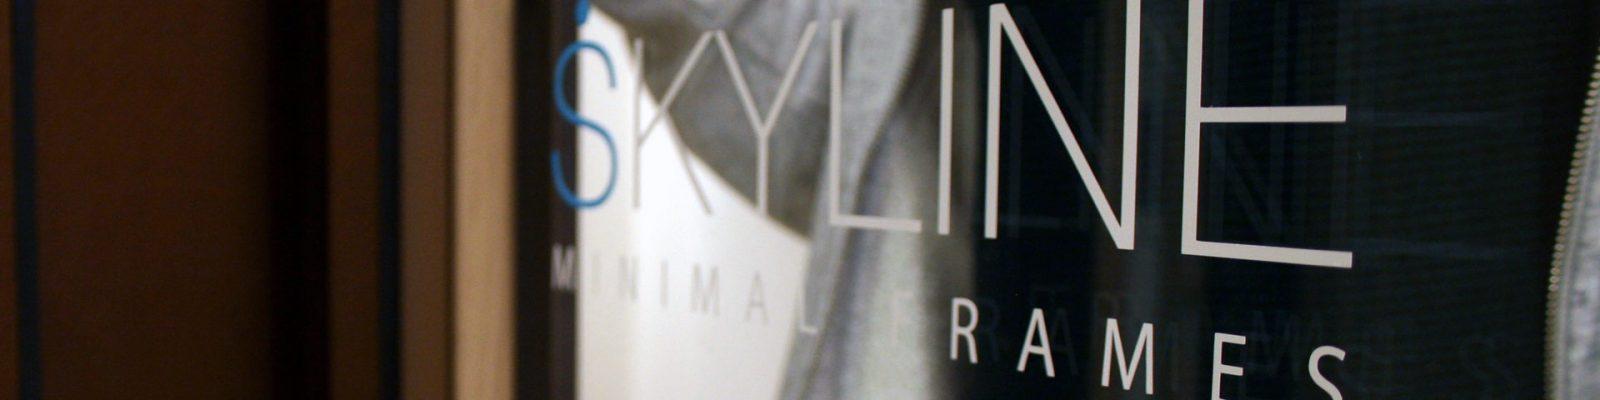 Nuovo maniglione Skyline Handle, immagine di copertina